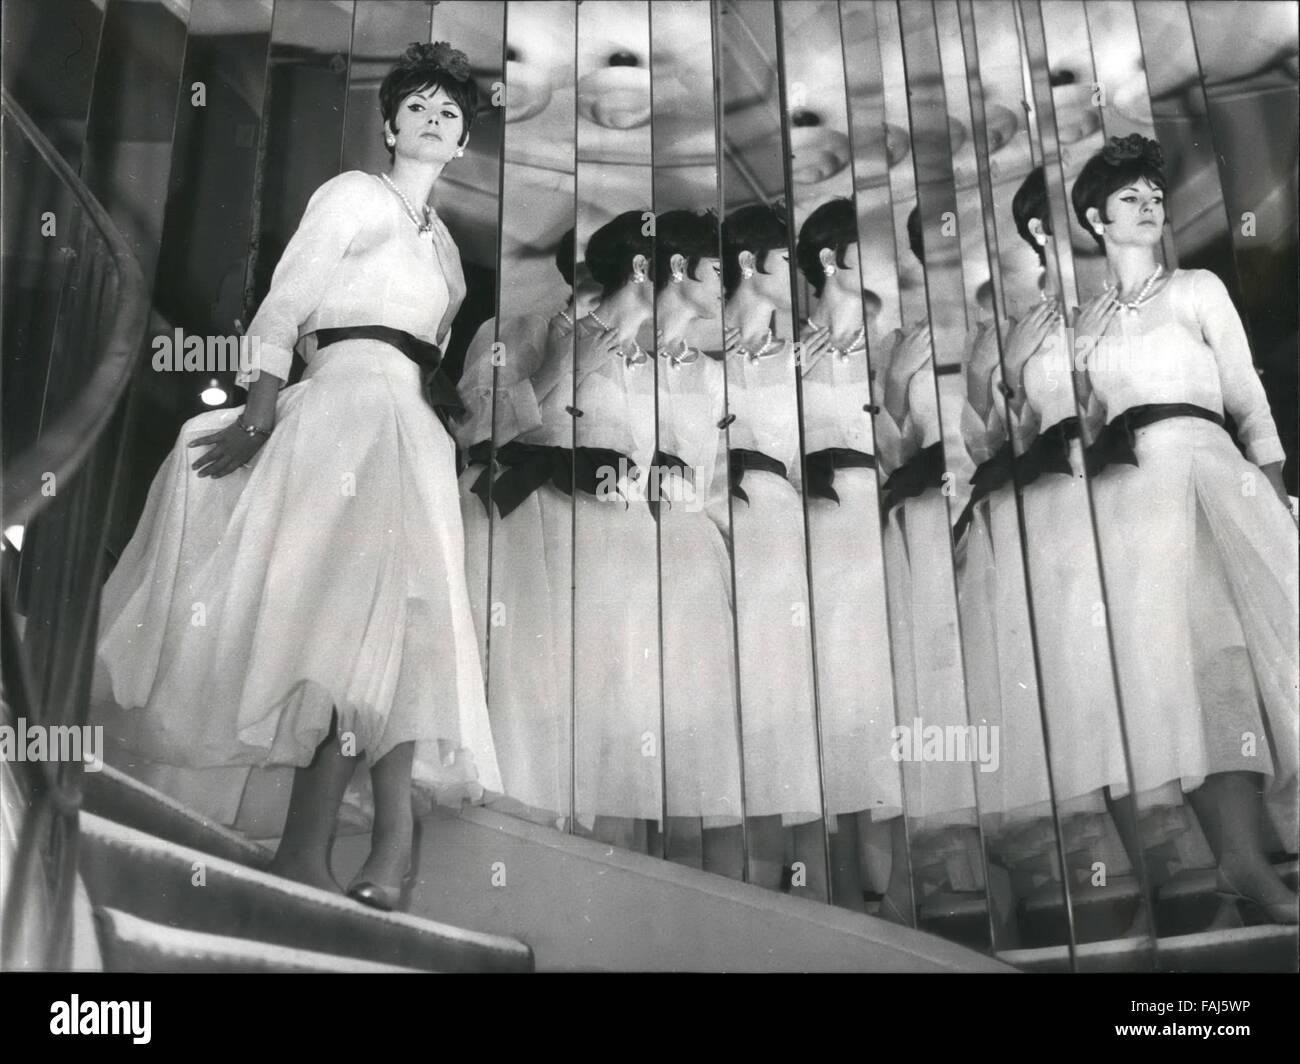 1963 - Grands couturiers présentent leurs printemps été mode   un aperçu de  la Coco Chanel 1963 Nouvelle ligne   La photo montre la robe de soirée  d organdi ... 0e386340178